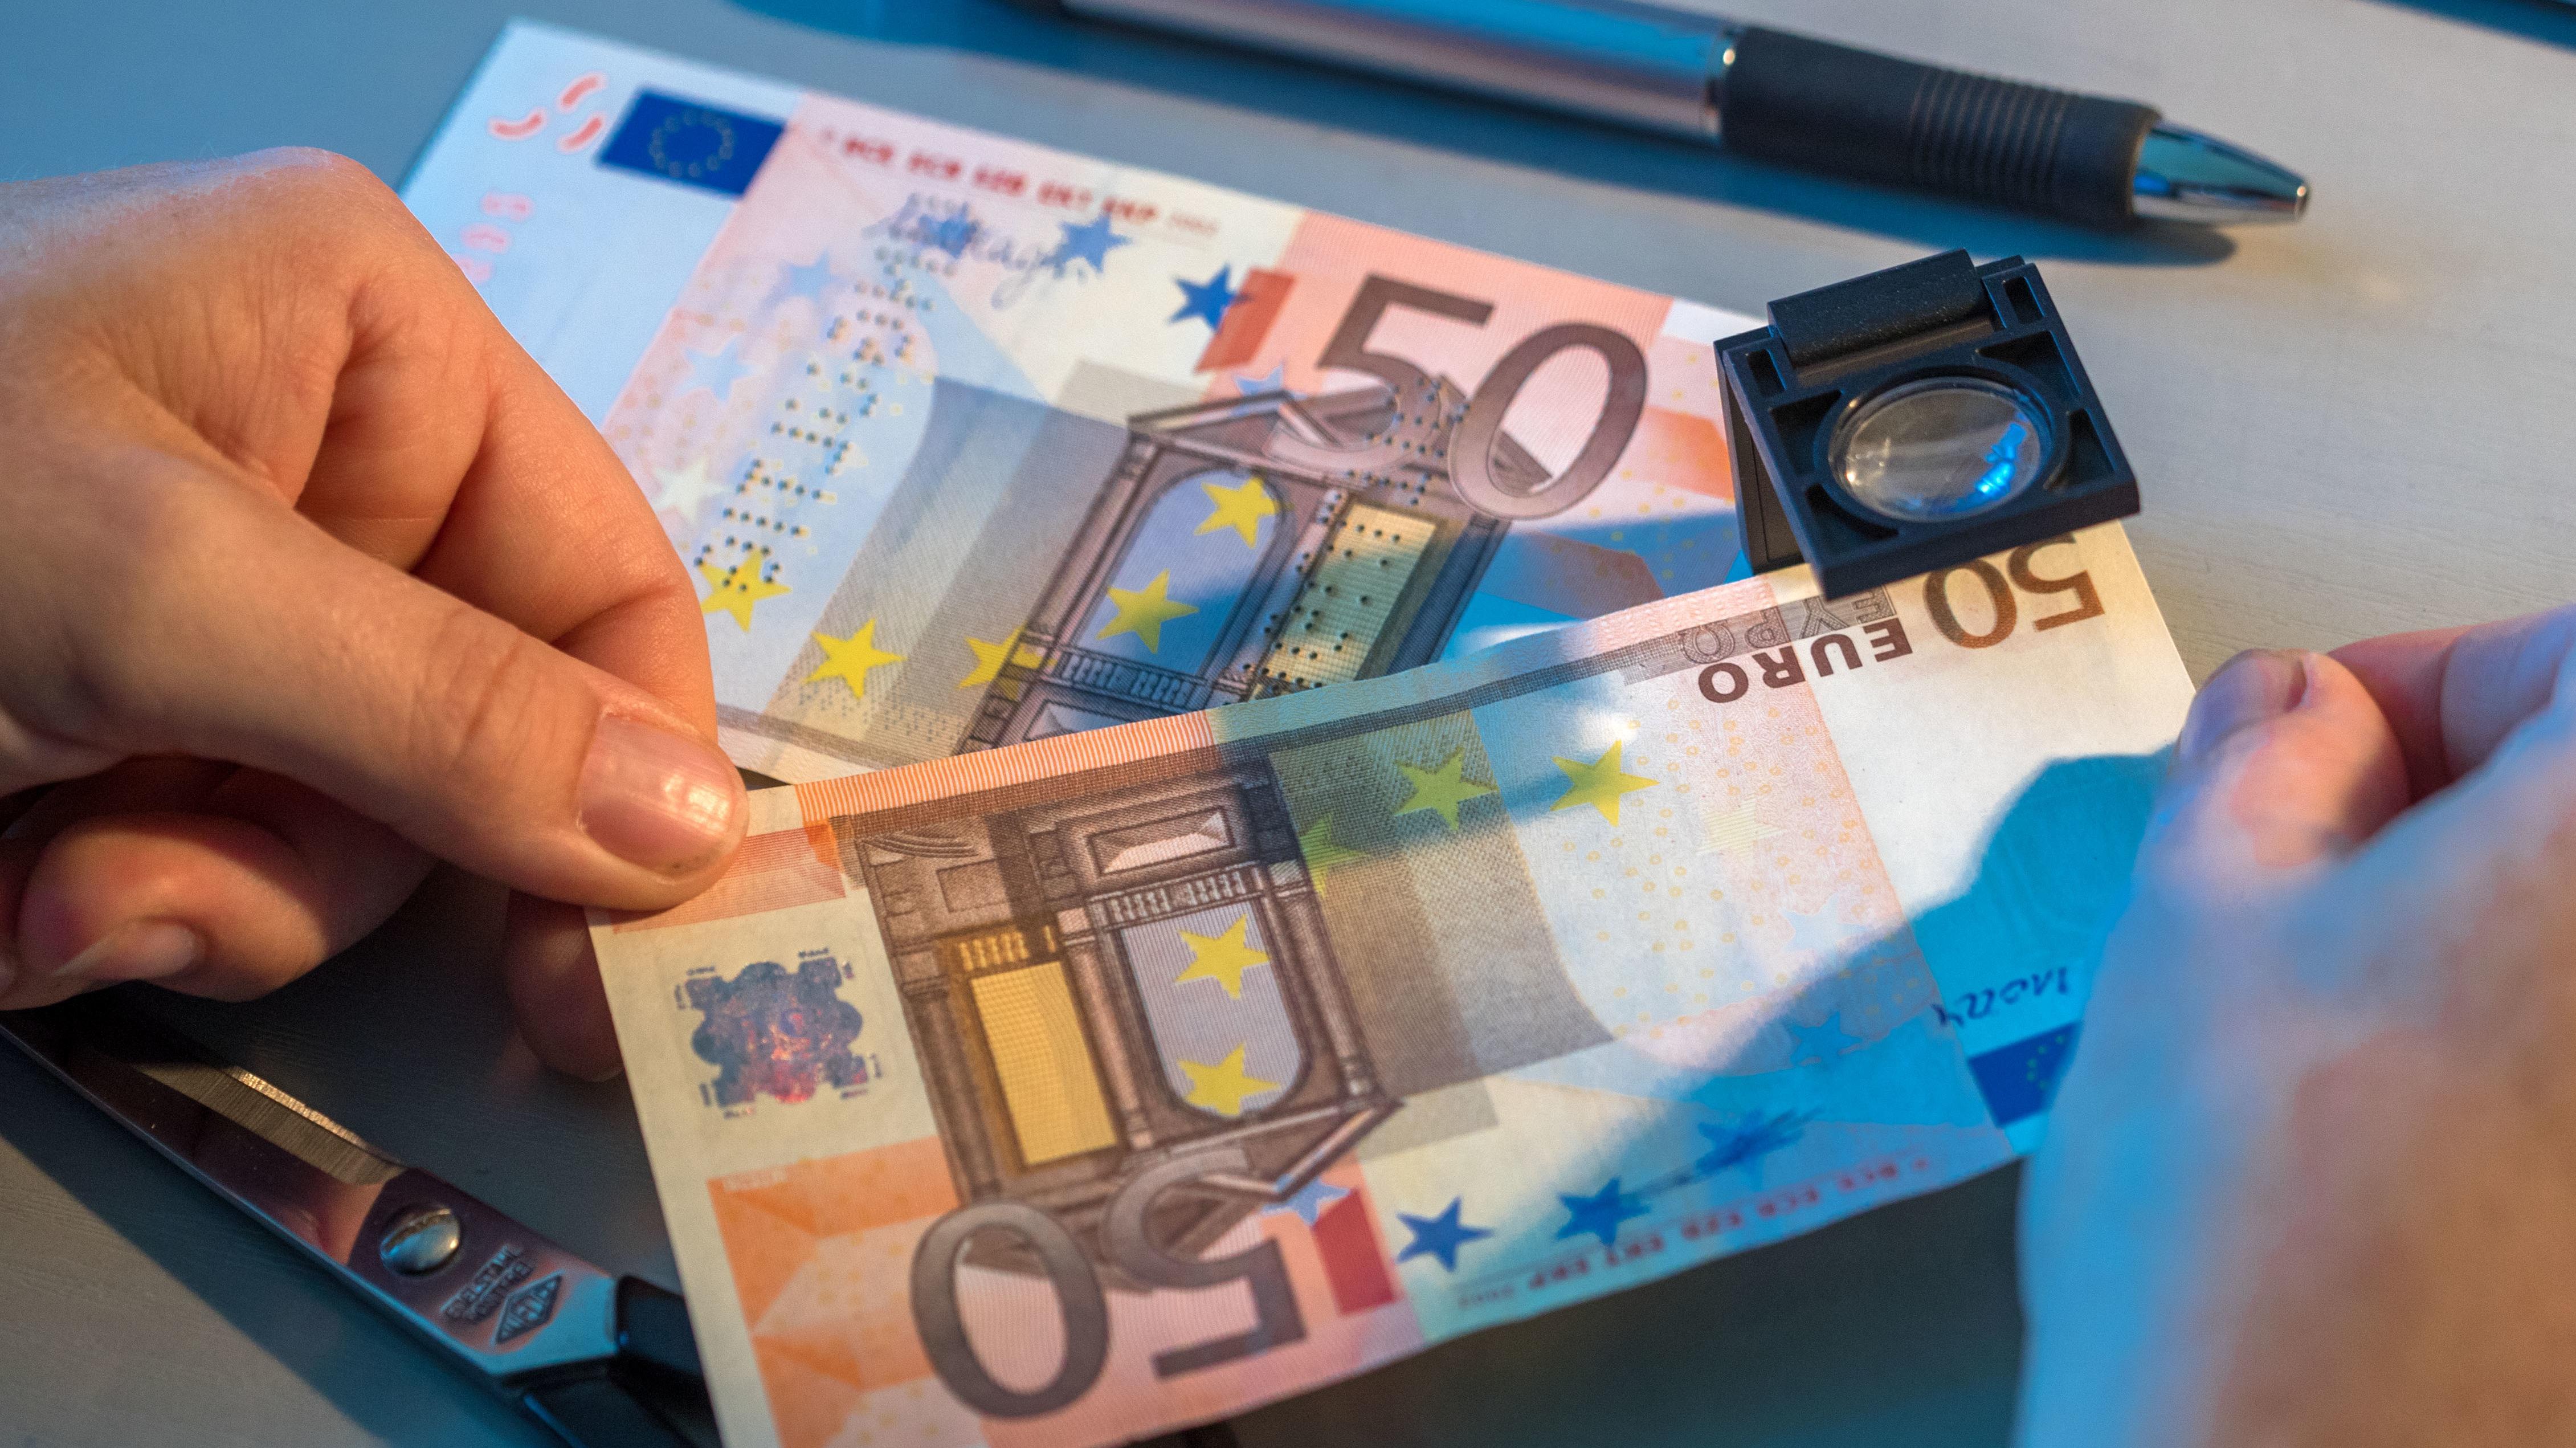 Gefälschte Euro-Geldscheine unter einer Lupe